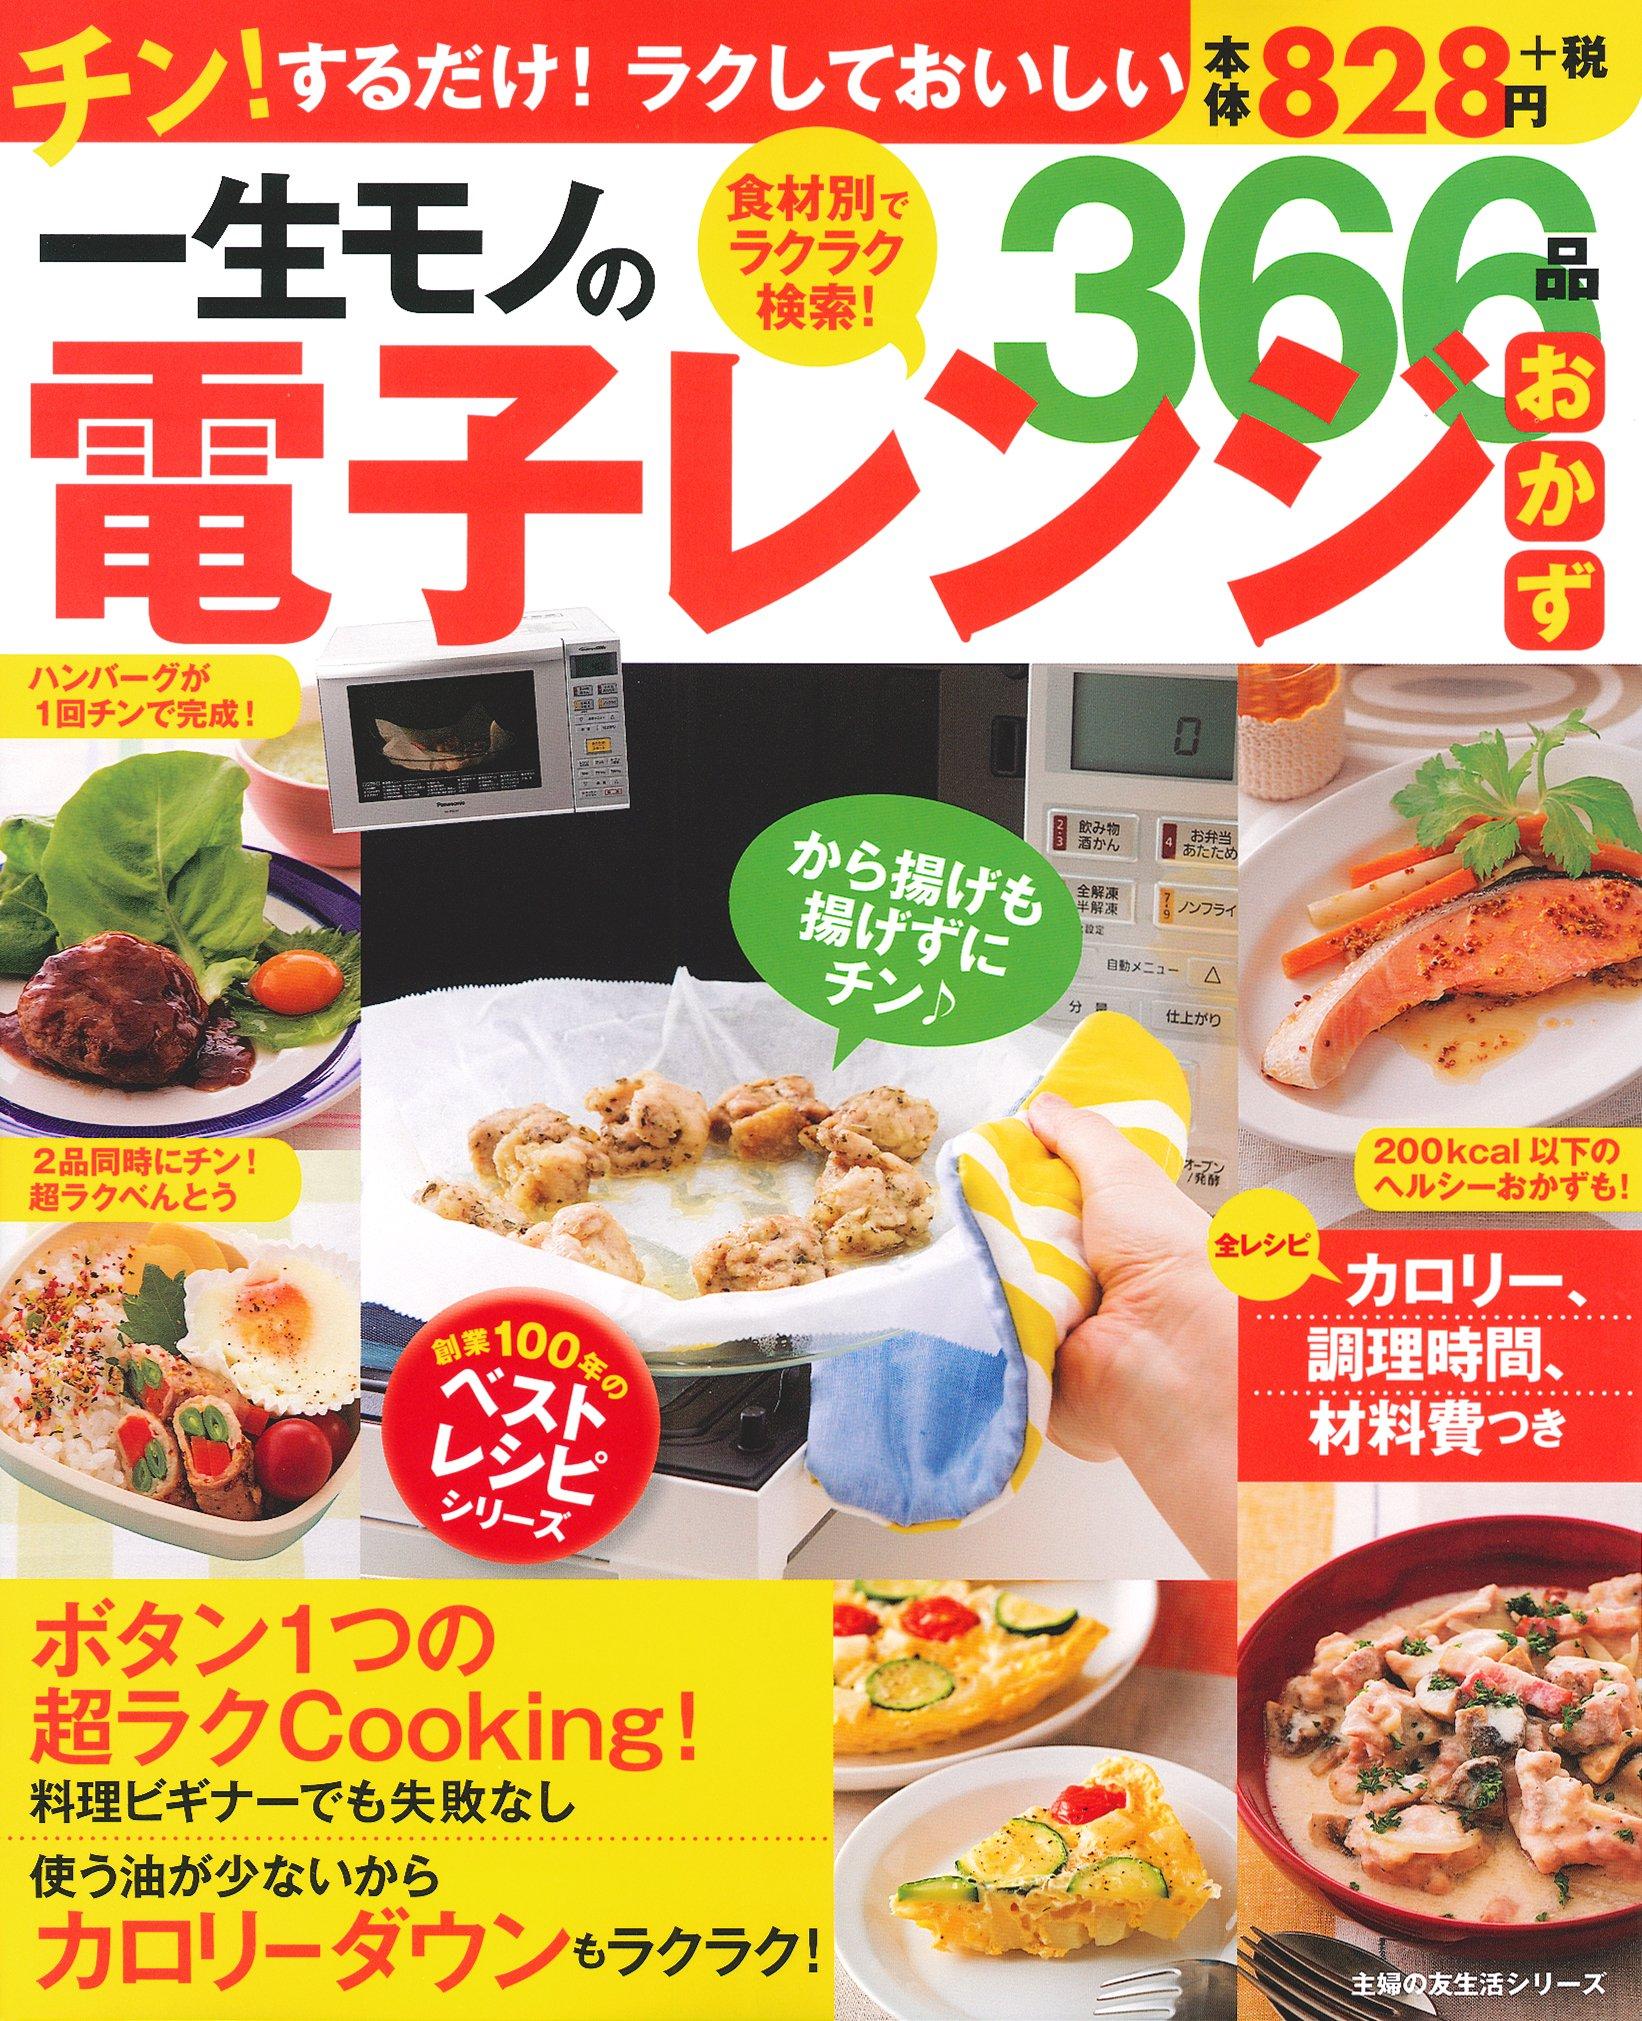 一生モノの電子レンジおかず366品 (創業100年のベストレシピシリーズ) ¥894